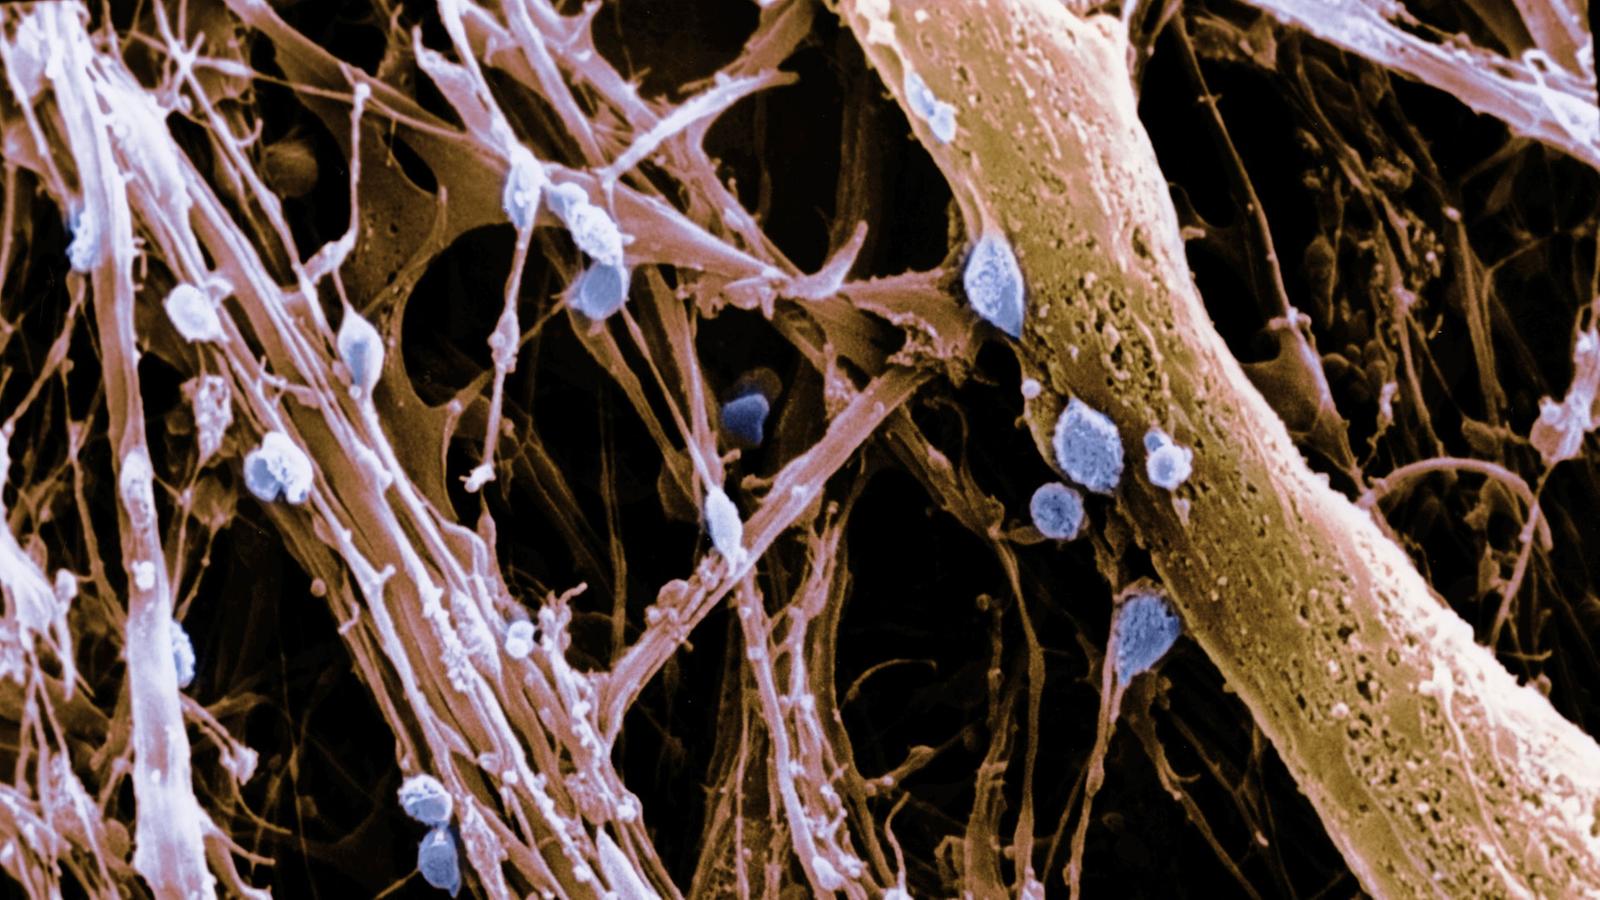 anatomie des menschen nerven nerven natur planet wissen. Black Bedroom Furniture Sets. Home Design Ideas